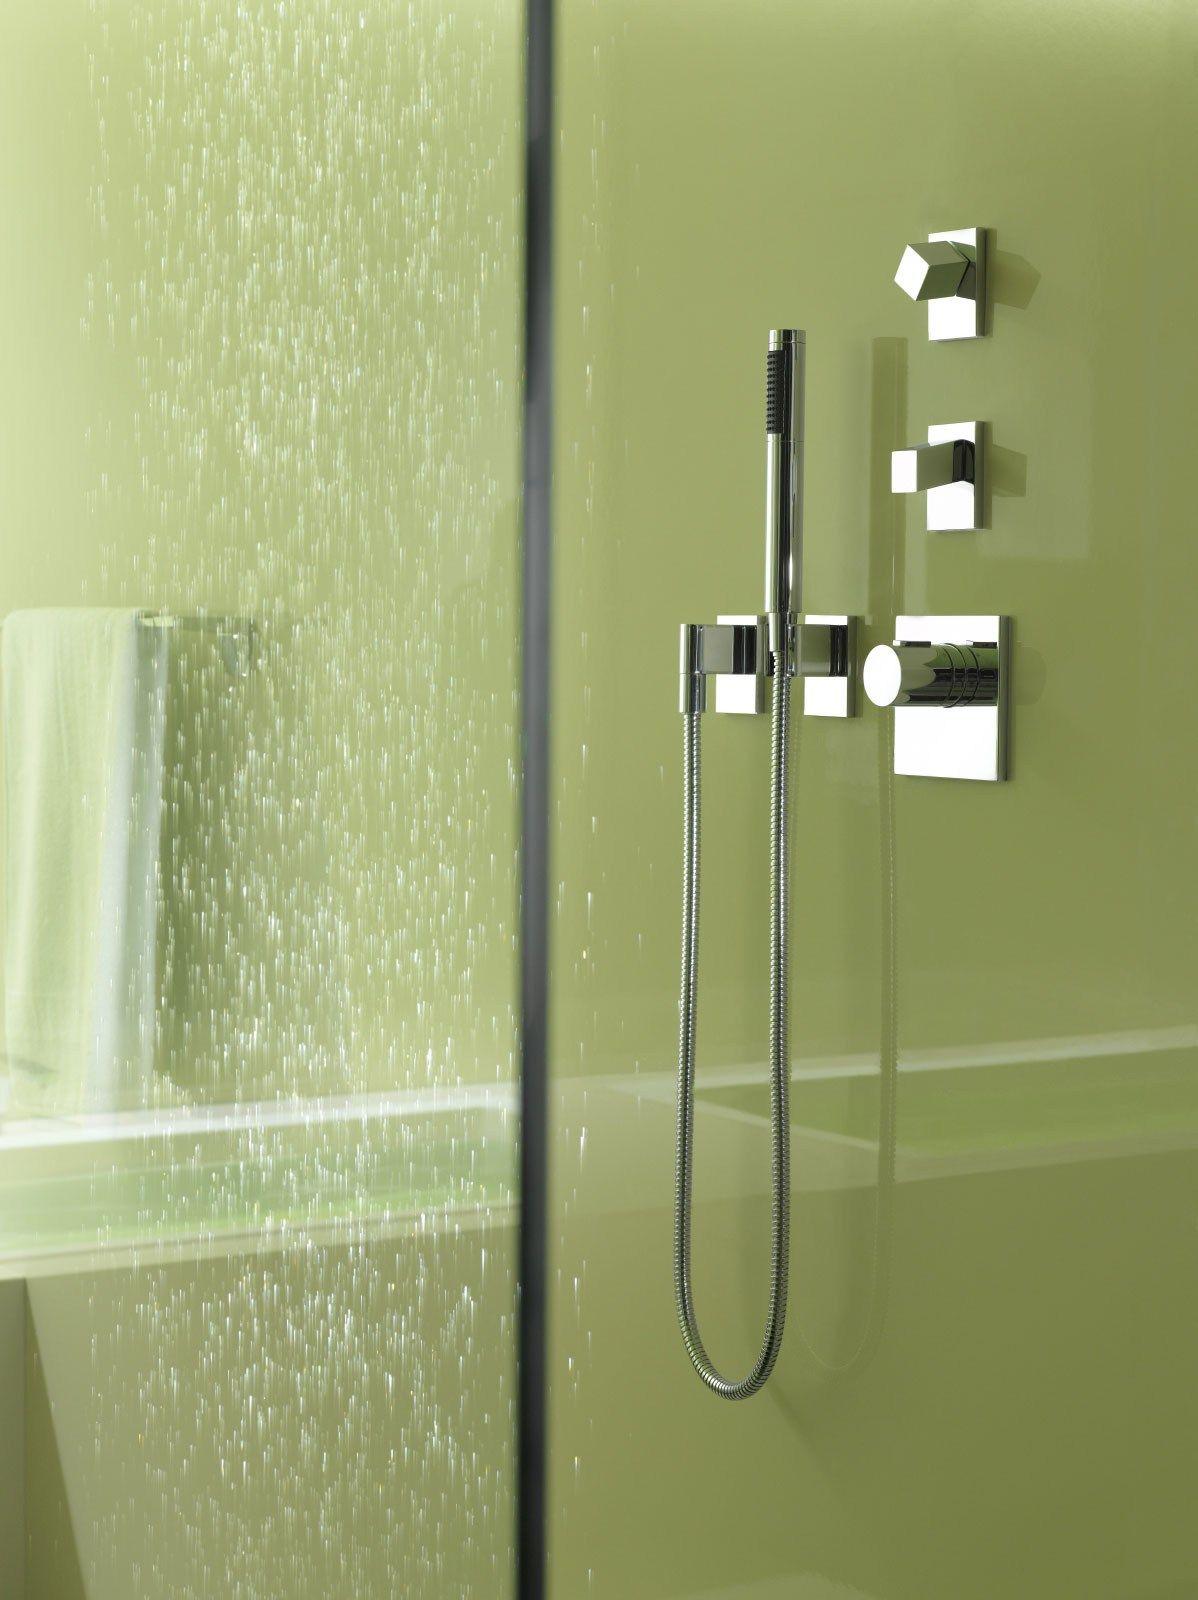 1 hole shower tap supernova supernova collection by. Black Bedroom Furniture Sets. Home Design Ideas